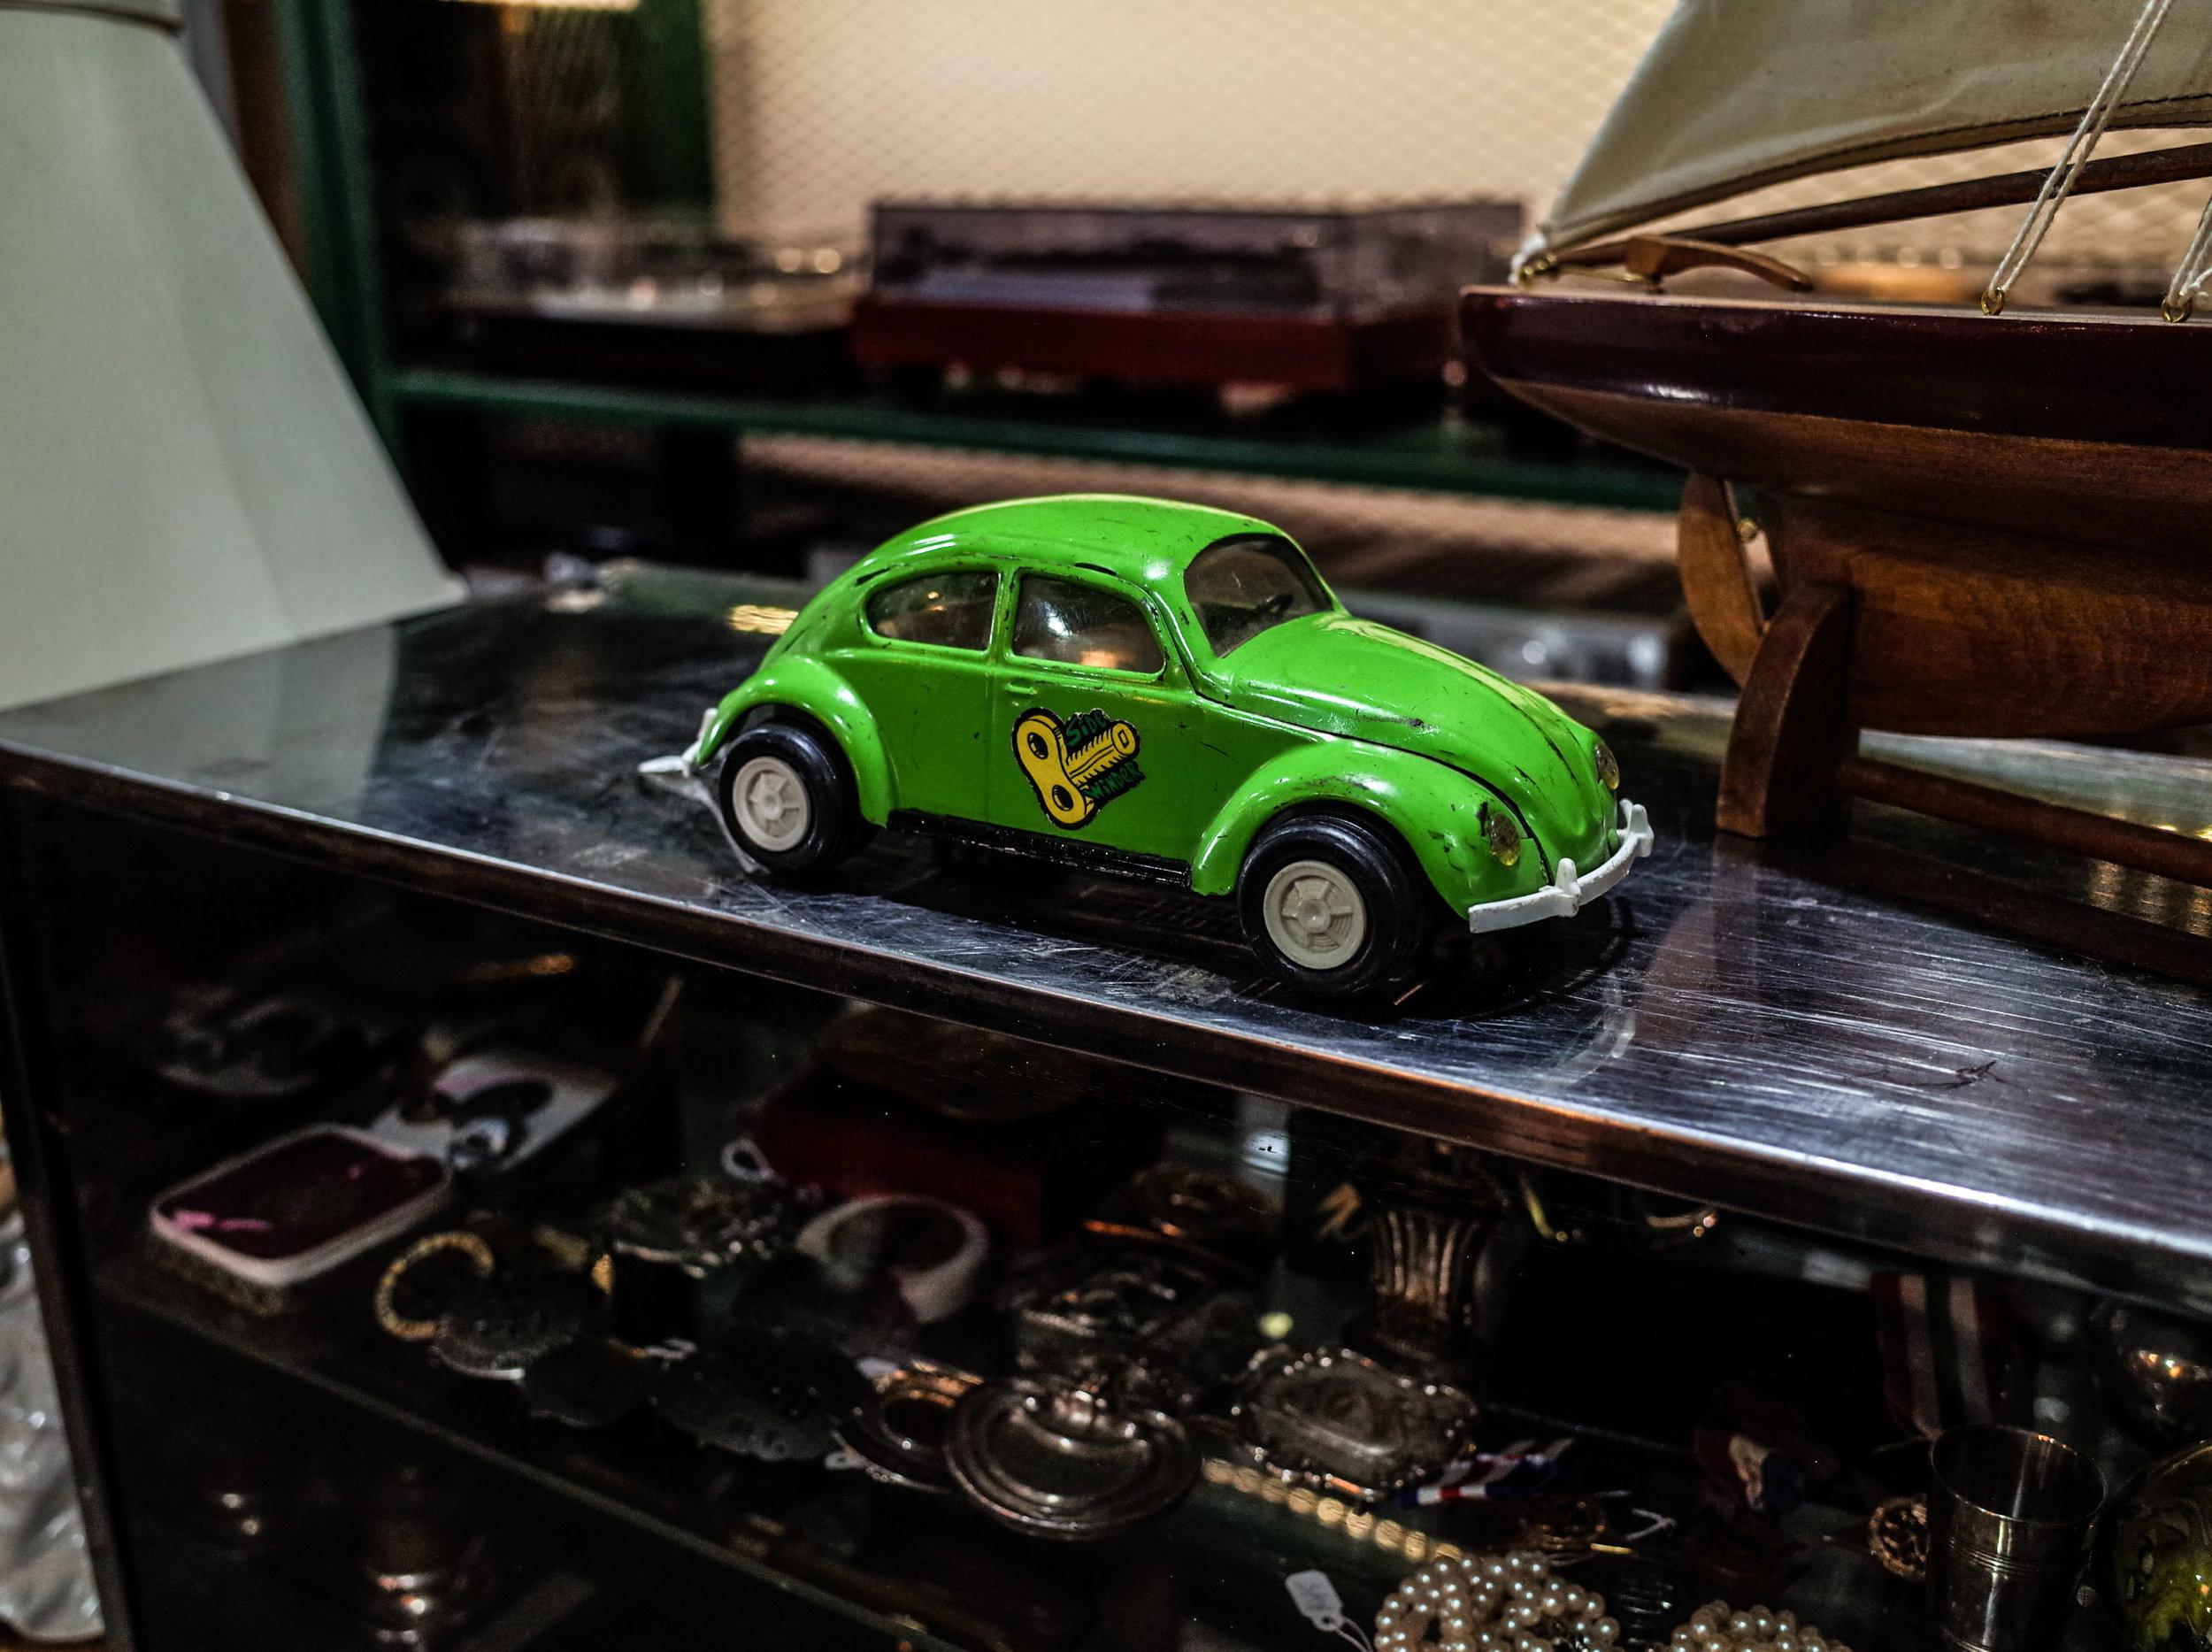 green-toy-car.jpg